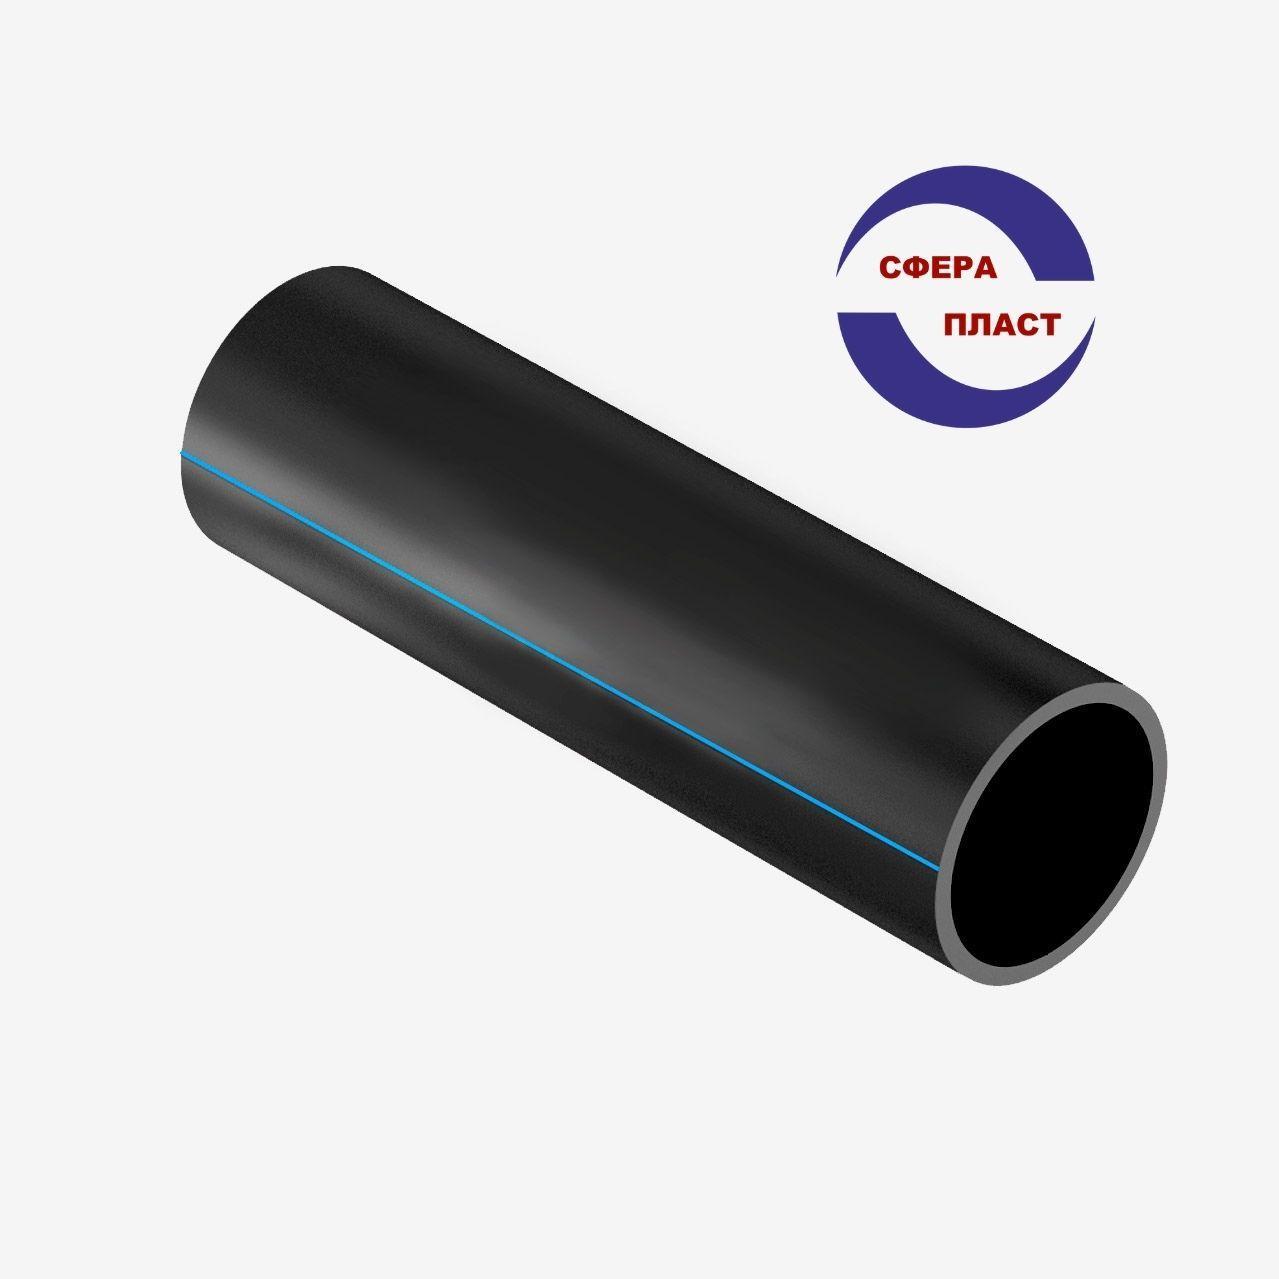 Труба Ду-110x5,3 SDR21 (8 атм) полиэтиленовая ПЭ-100